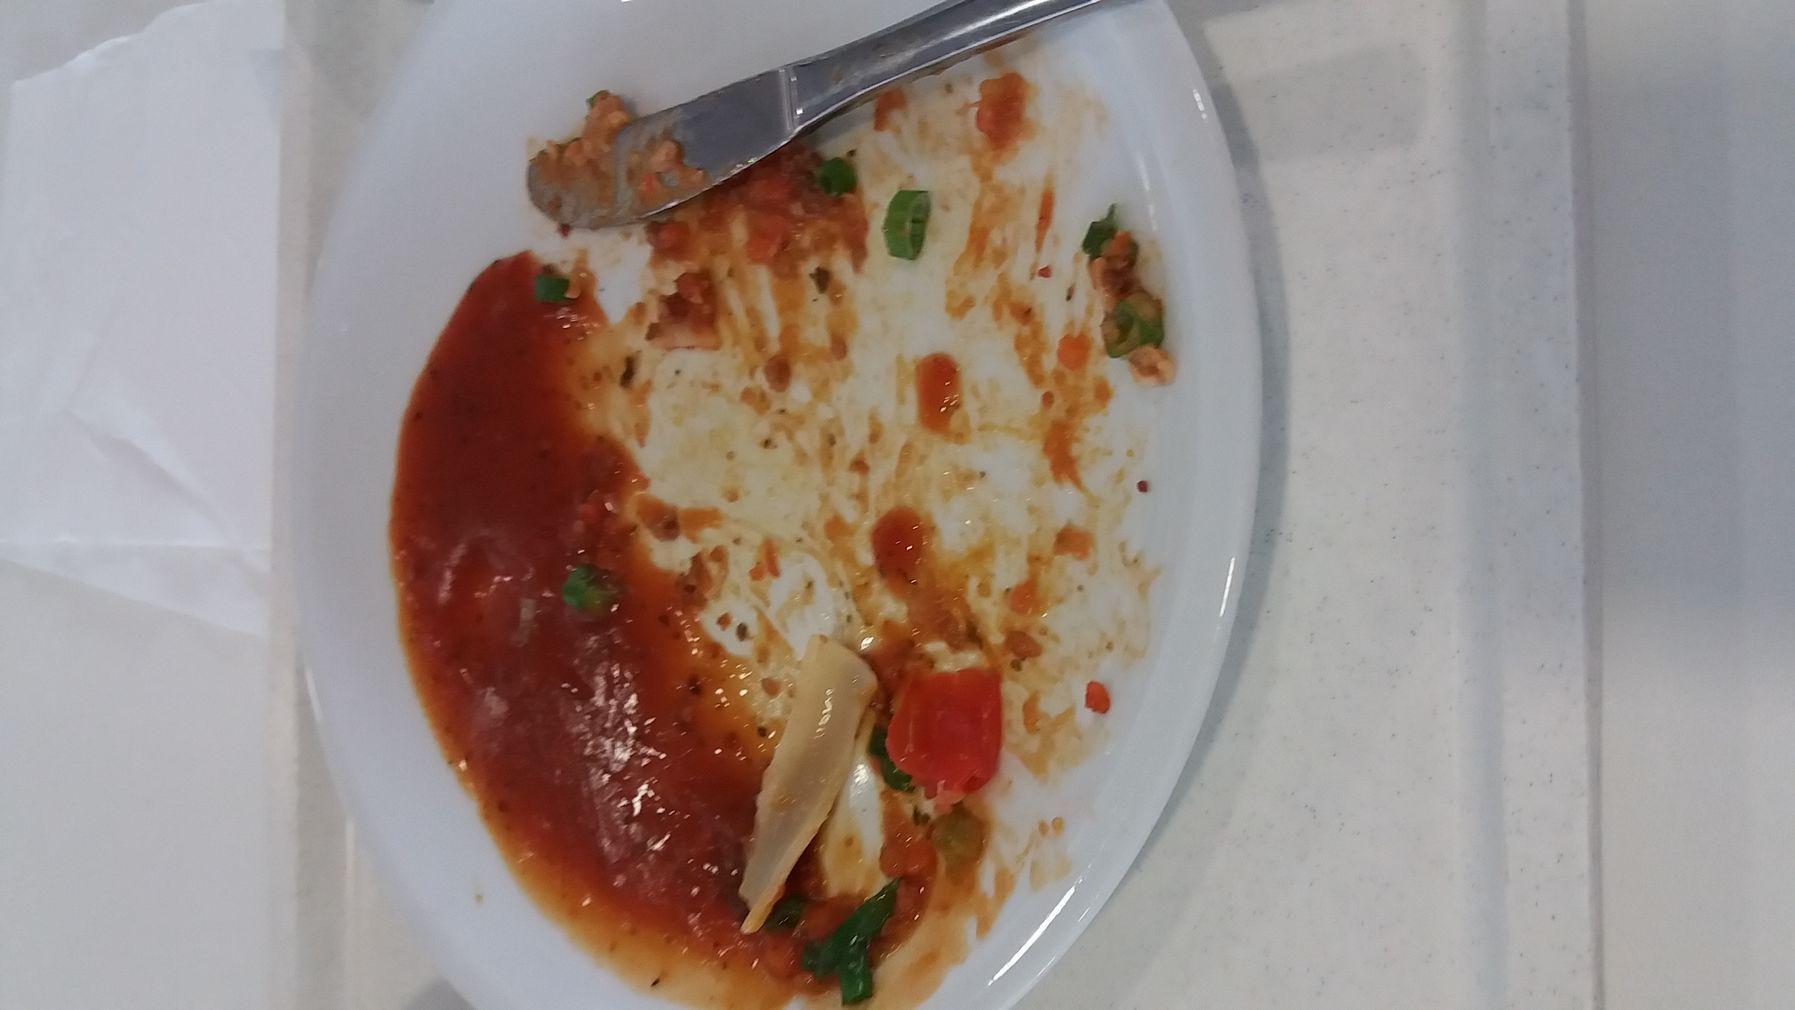 香港美食的食材都有哪些美食侦探2006特别吃遍之篇德国图片